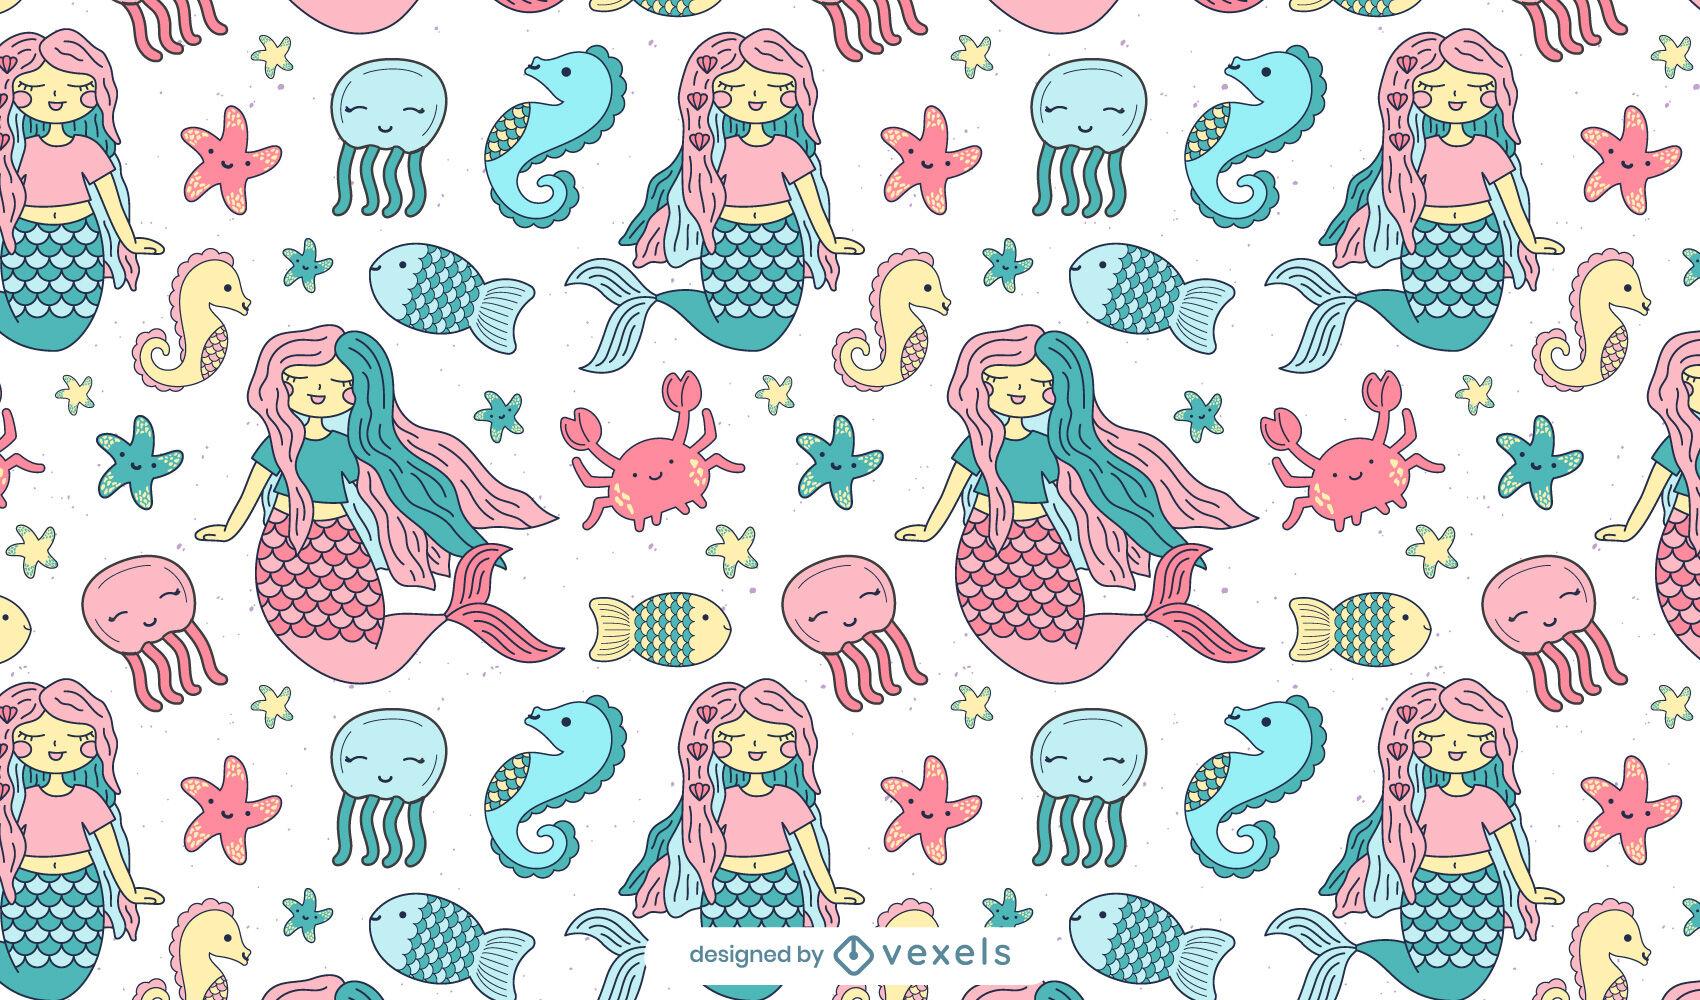 Diseño de patrones de sirenas y animales marinos.